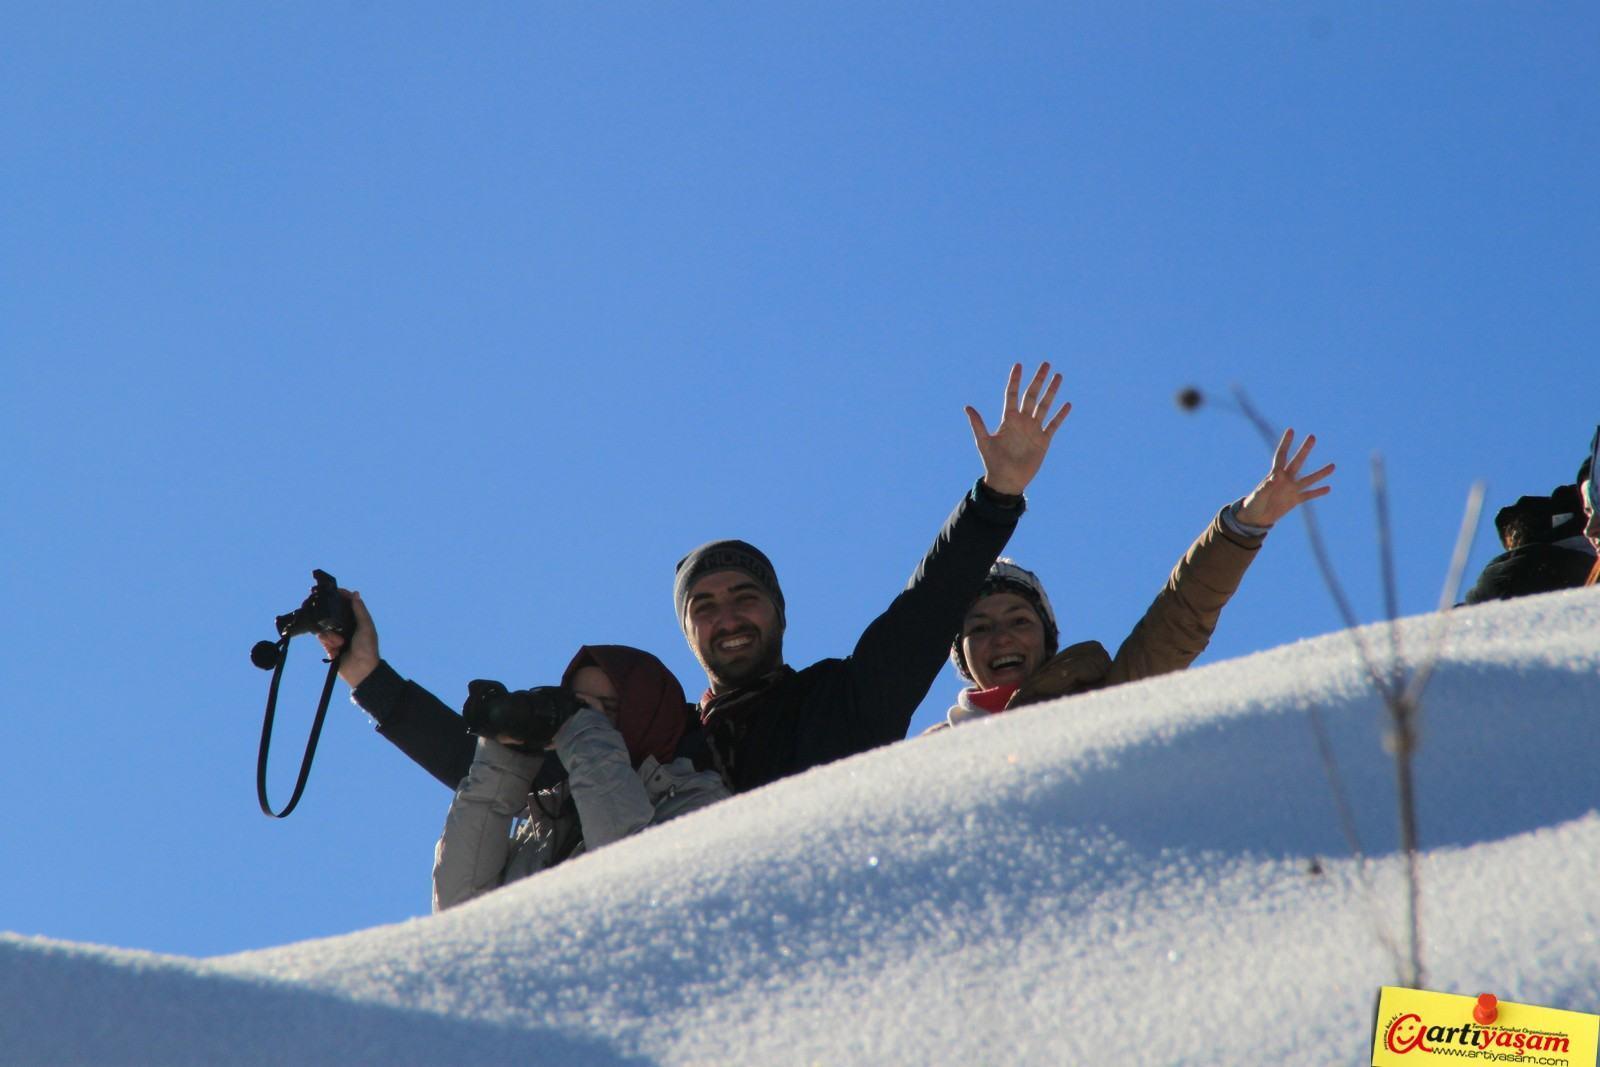 Ankara Çıkışlı Artıyaşam Özel Fantastik ılgaz Kayak turu